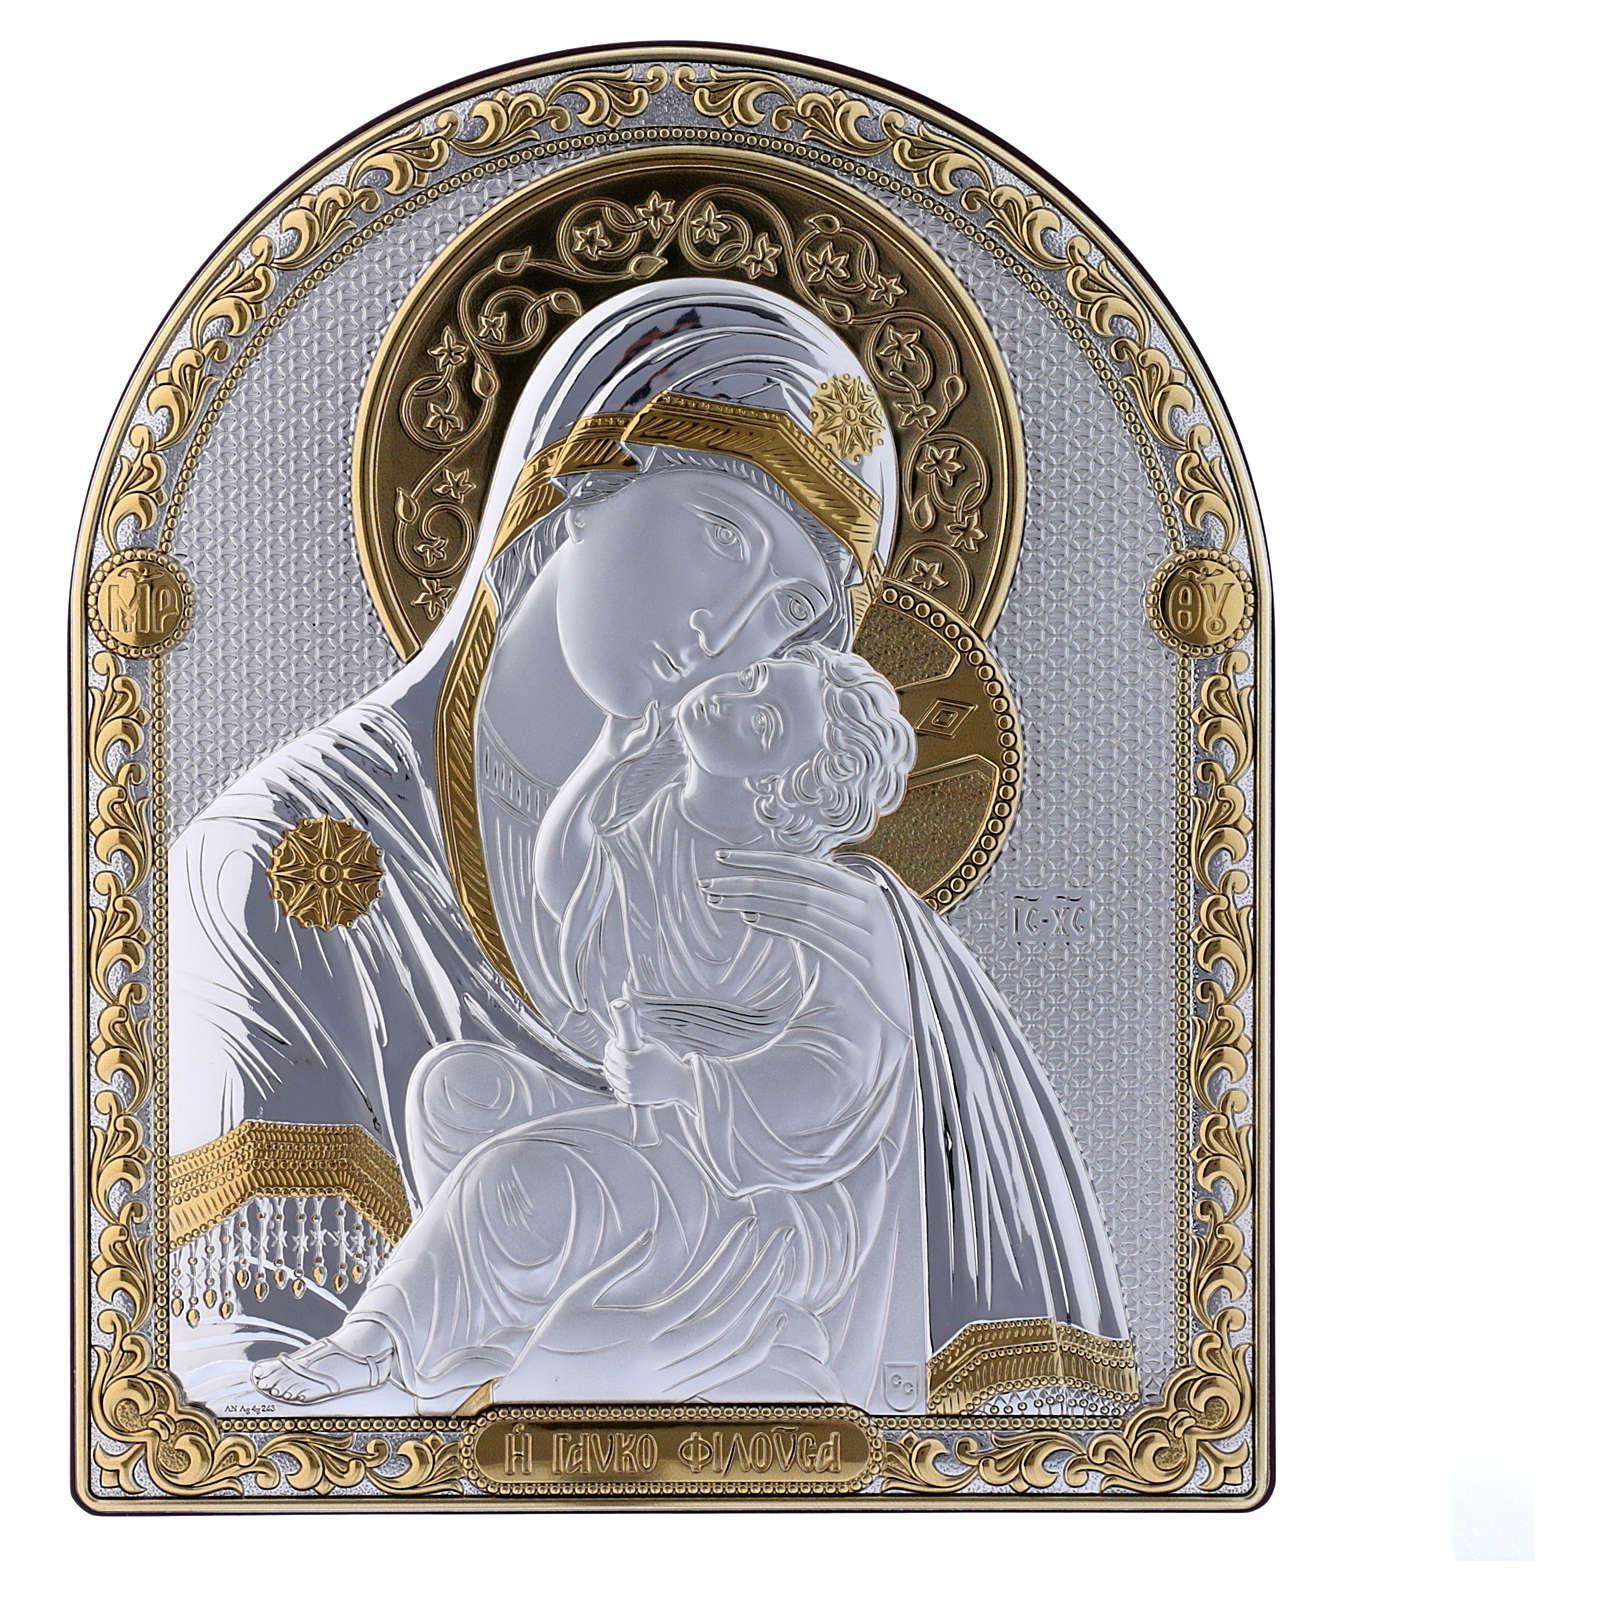 Cuadro Virgen Vladimir bilaminado parte posterior madera preciosa detalles oro 24,5x20 cm 4